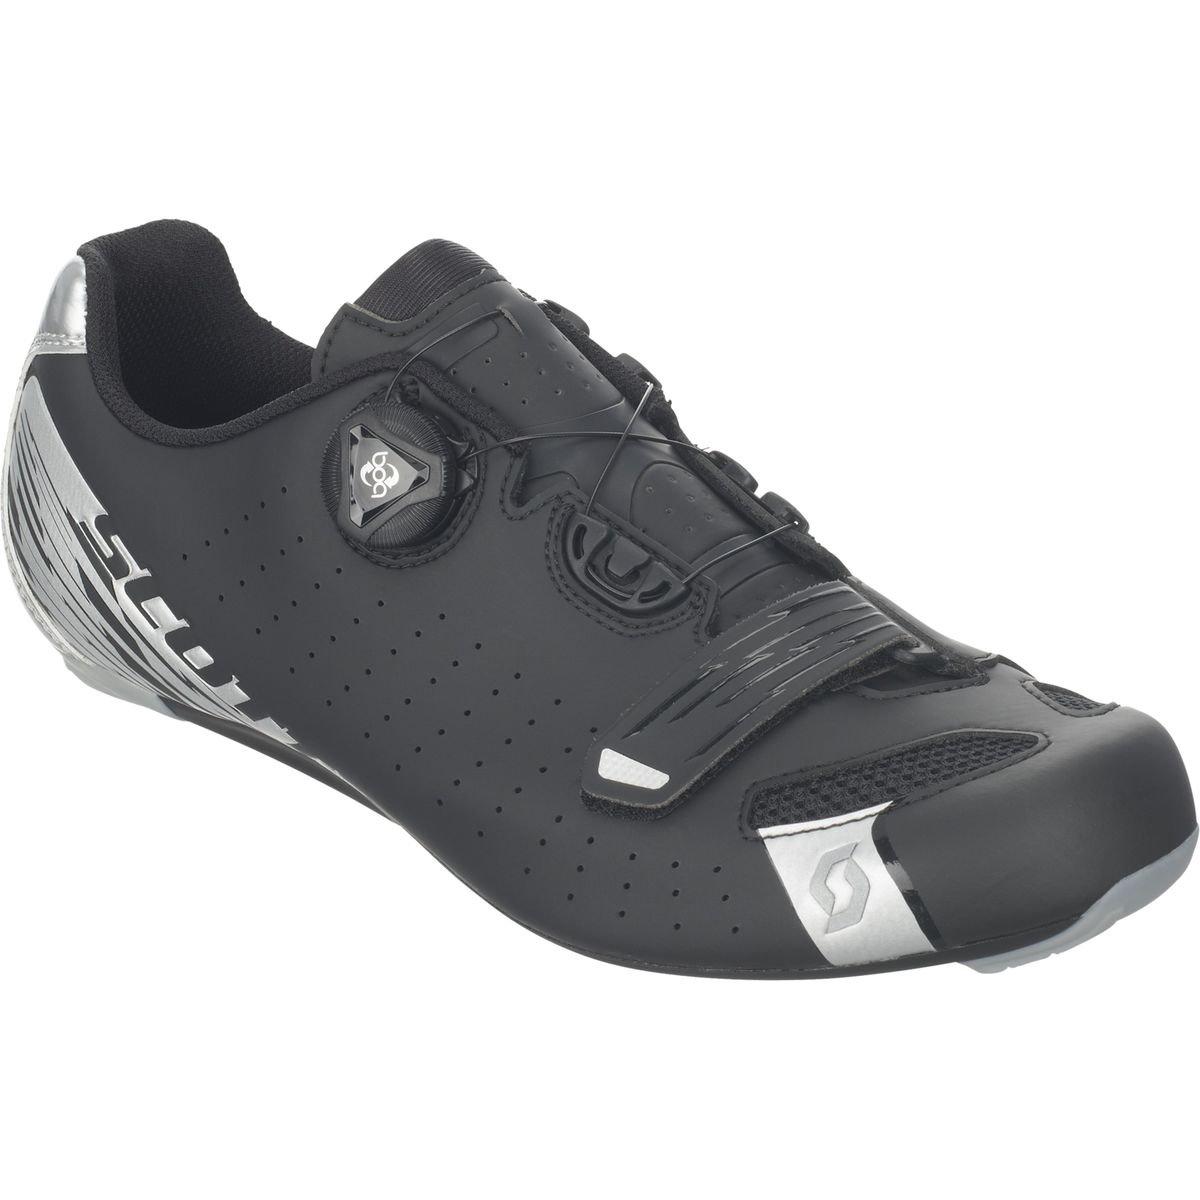 新しいエルメス (スコット) Scott Road Comp Matt BOA Cycling Cycling Shoe メンズ Scott ロードバイクシューズMatt Black/Silver [並行輸入品] 日本サイズ 31cm (48) Matt Black/Silver B07G7532Q2, 大きいサイズ通販 XL-エックスエル:d7065a6c --- by.specpricep.ru